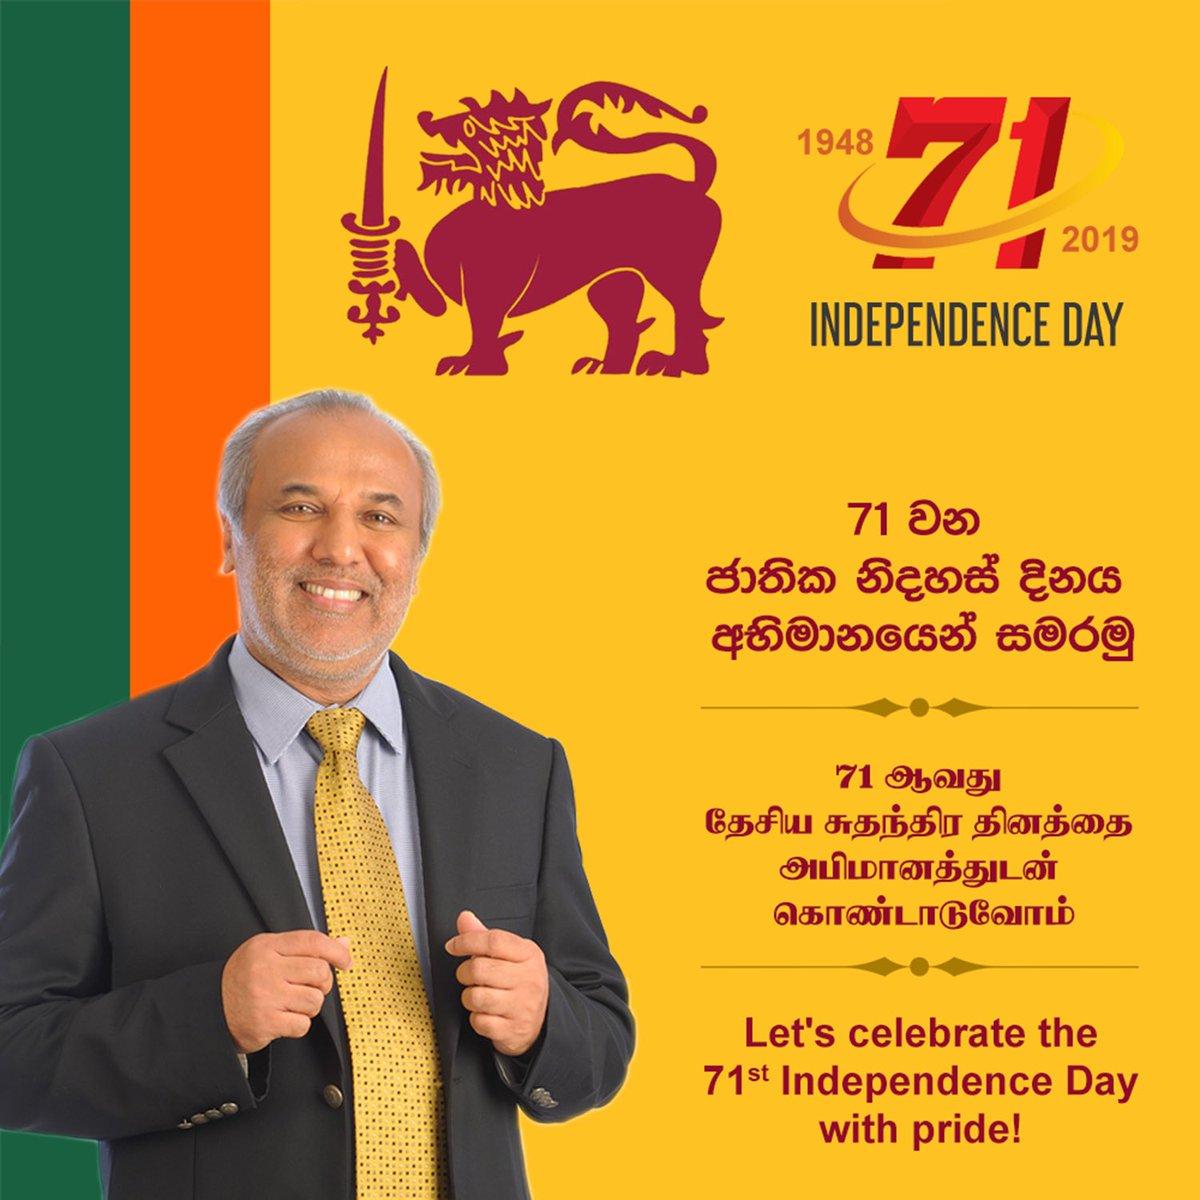 71 වන ජාතික නිදහස් දිනය අභිමානයෙන් සමරමු. 71ஆவது தேசிய சுதந்திர தினத்தை அபிமானத்துடன் கொண்டாடுவோம். Let's celebrate the 71st Independence Day with pride! 🇱🇰